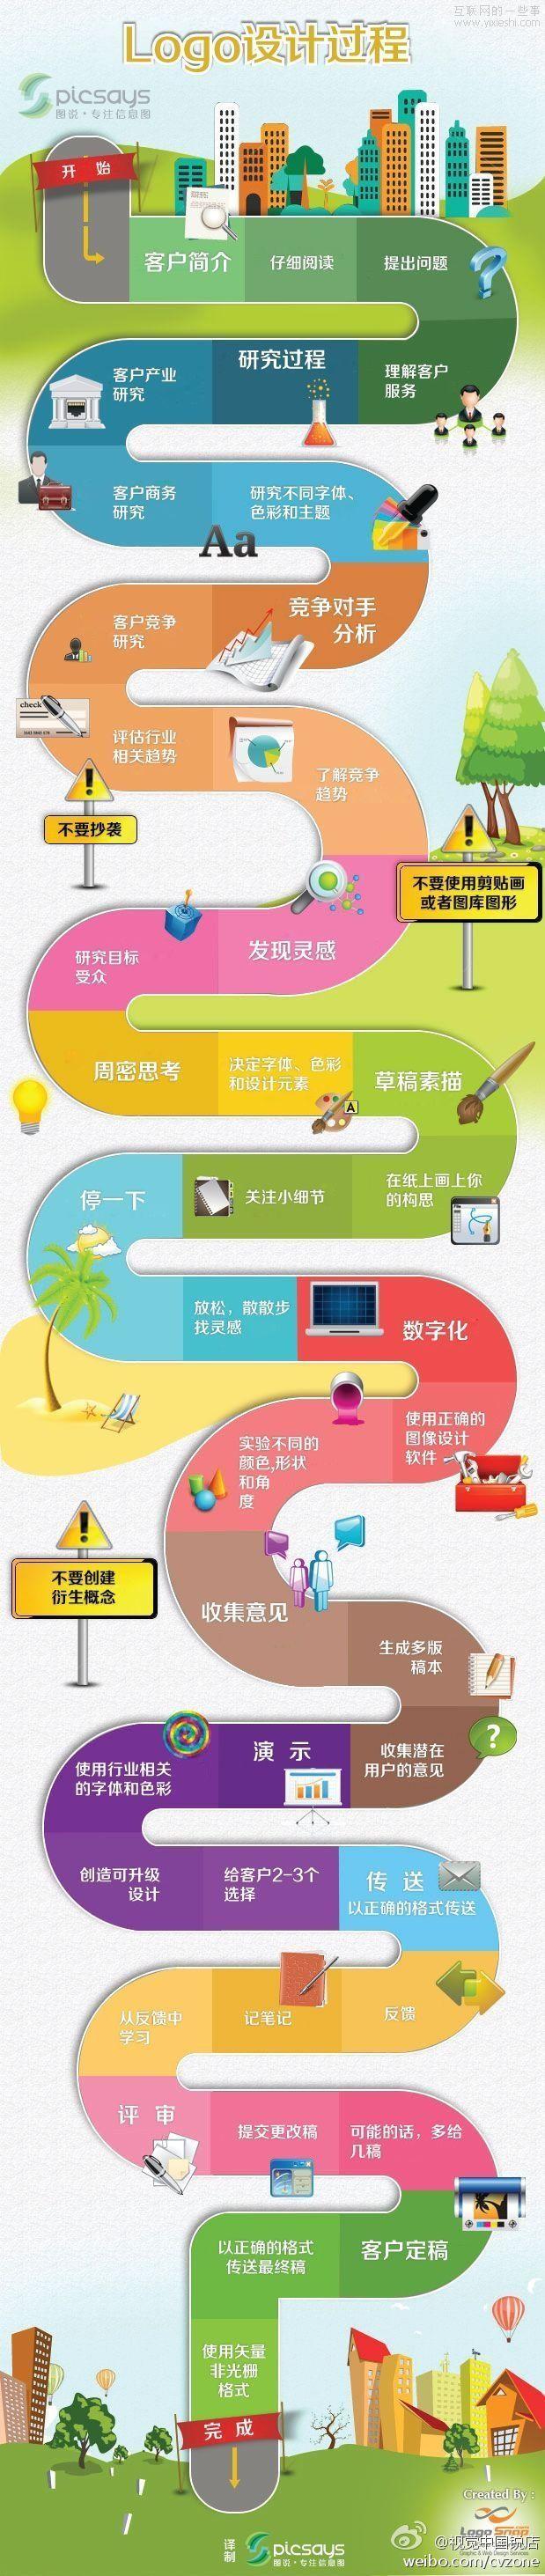 【演界信息图表】扁平卡通-logo设计过程